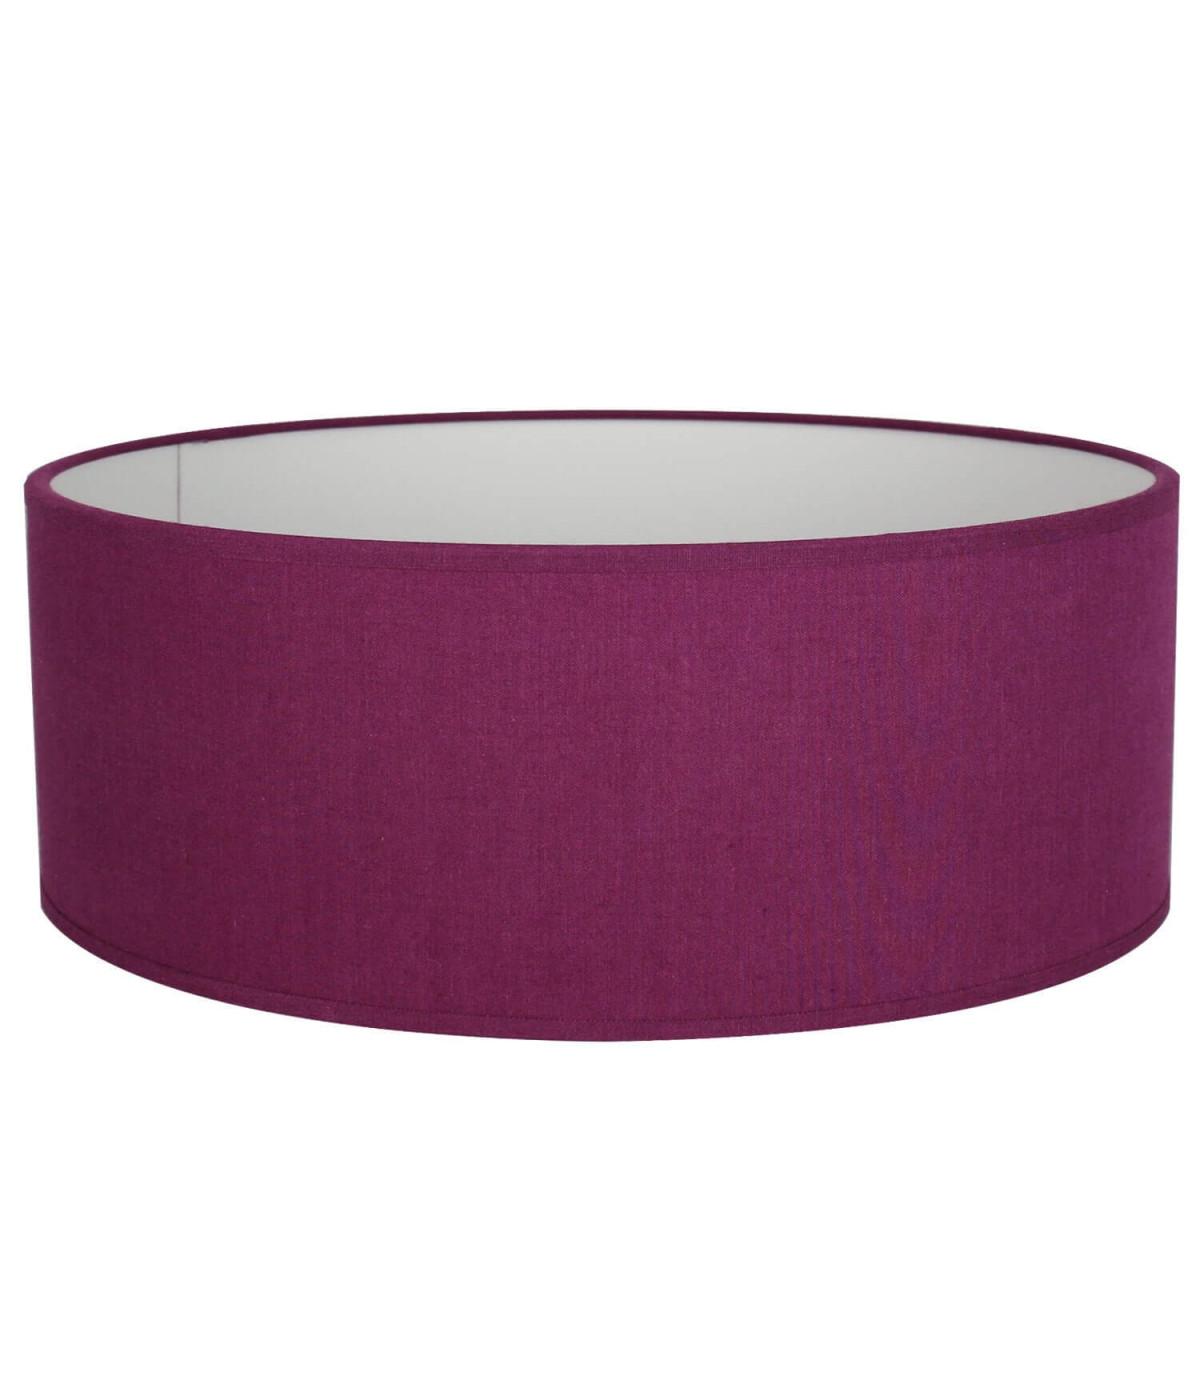 Abat-jour Oval Violet